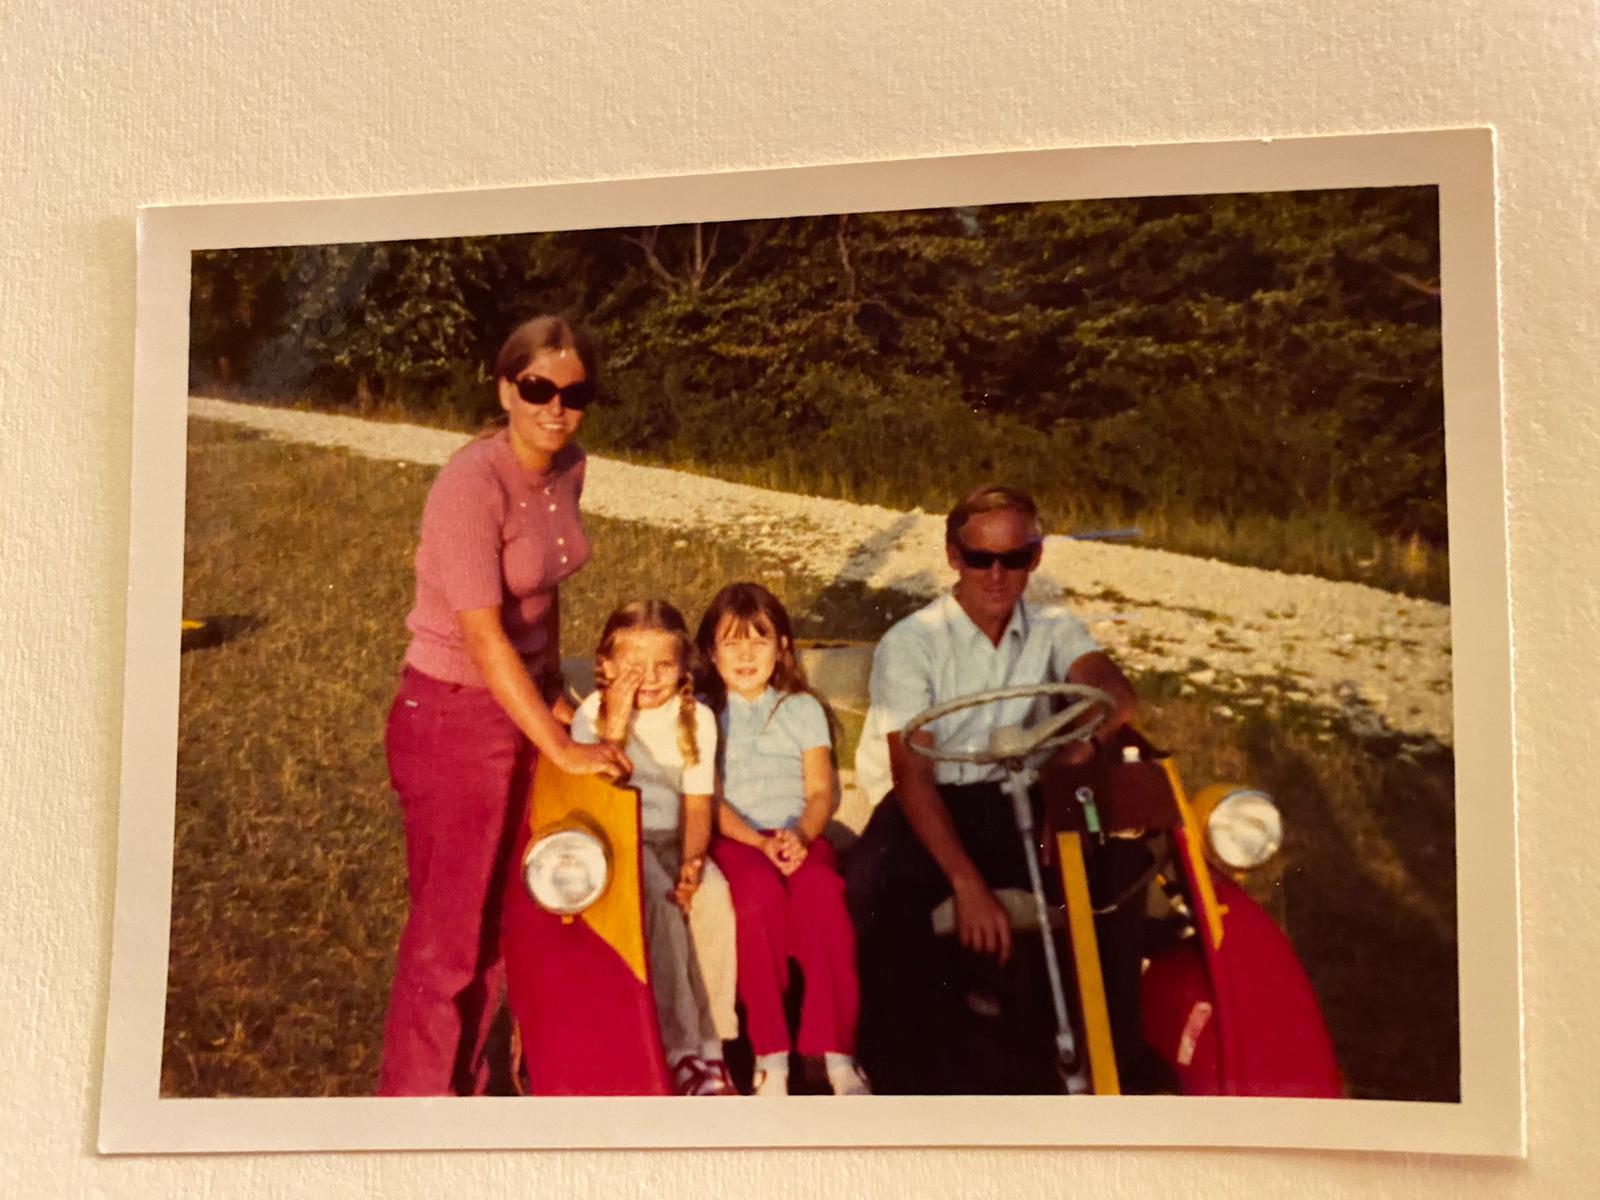 In der Isetta, dem damaligen Rückholfahrzeug, mit weiblichen Beifahrern. Die Isetta stammt aus derselben Zeit, wie die Horex Regina, mit der Traugott noch heute fährt.